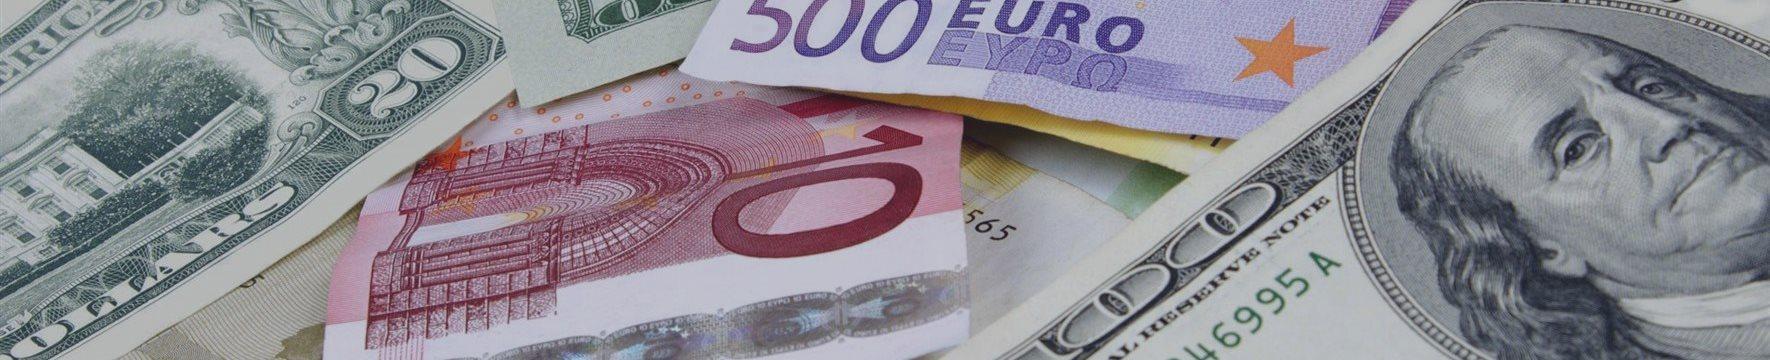 Доллар снова укрепляется, евро и фунт падают, осси удивляет